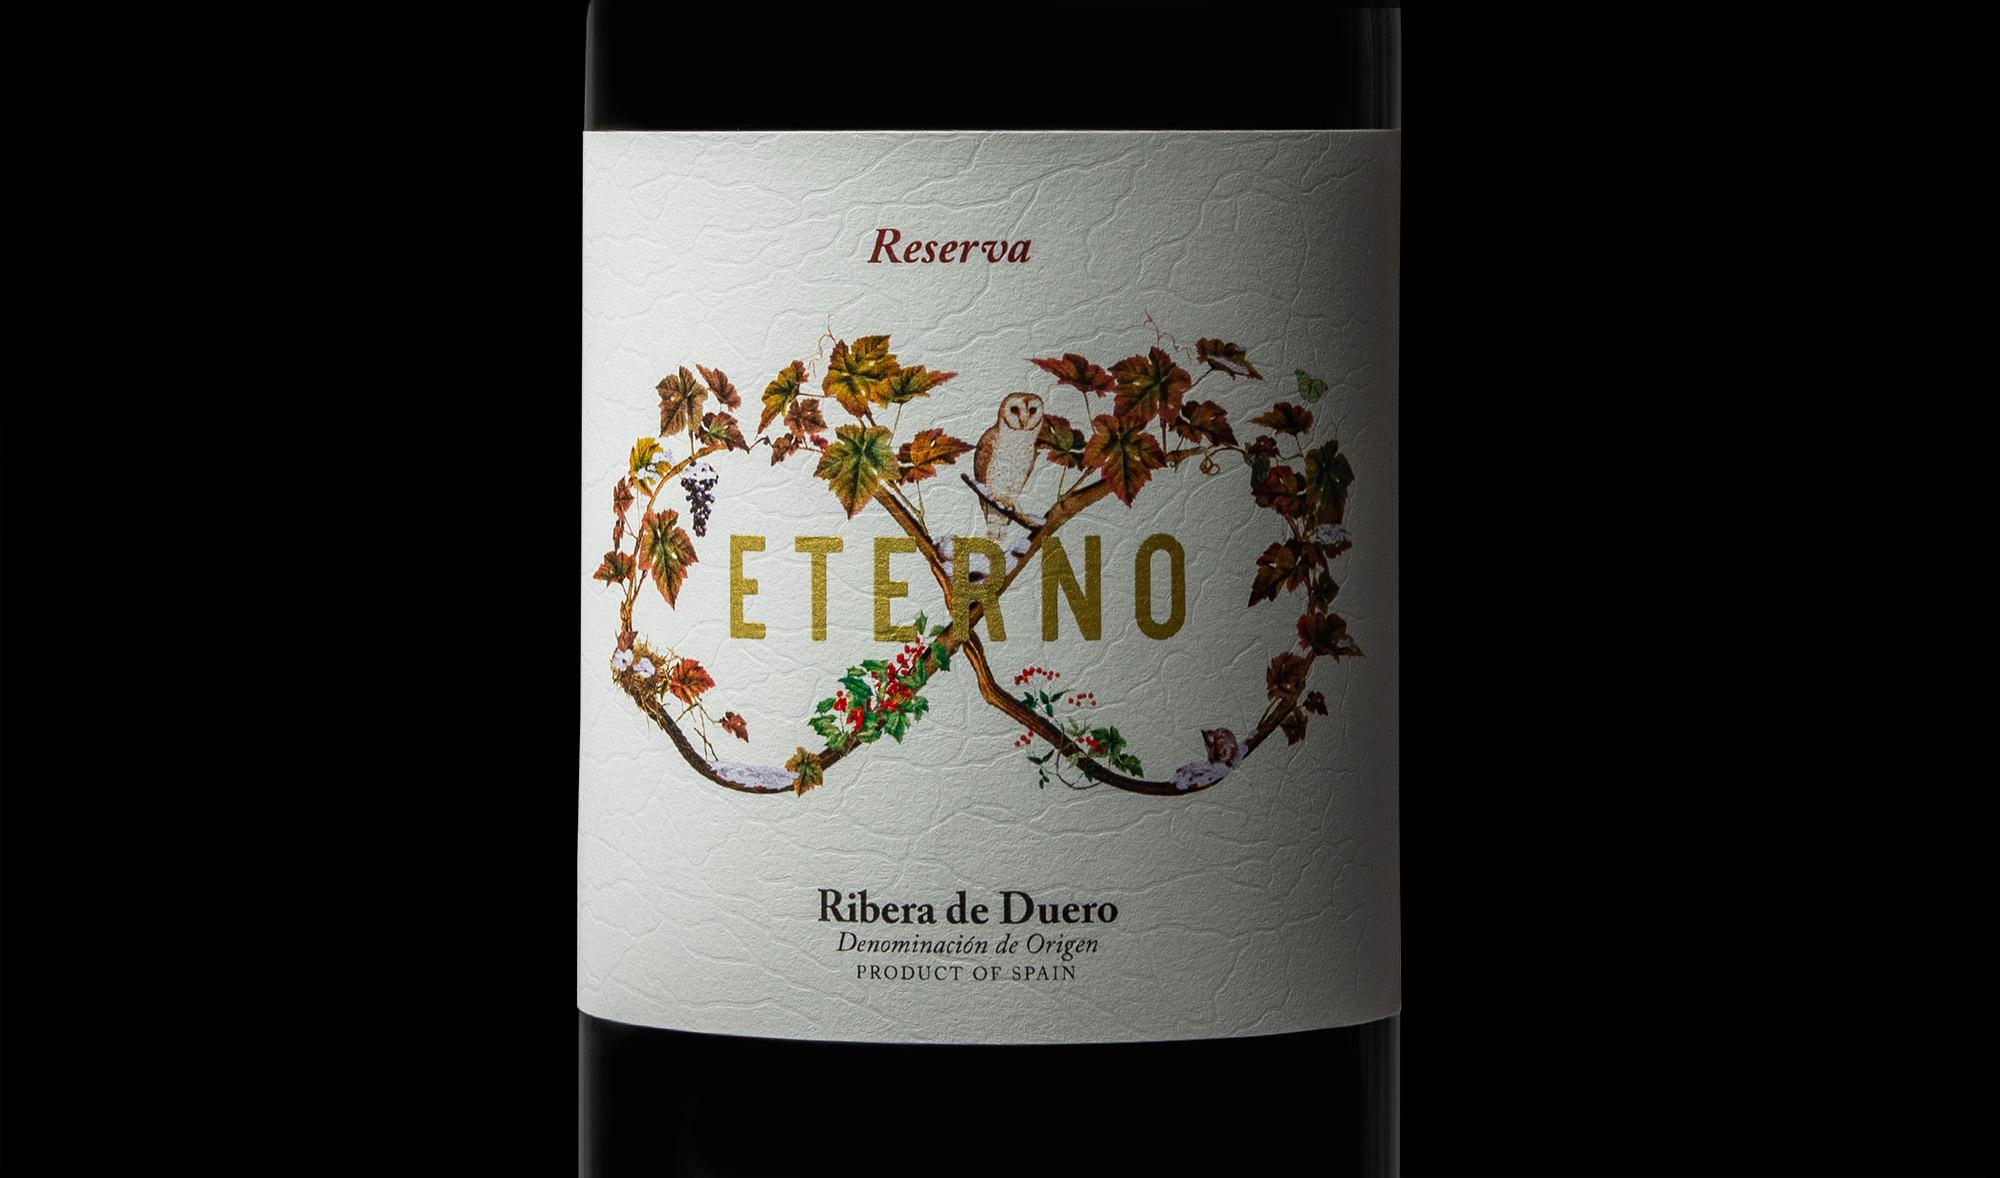 Detalle del diseño e ilustración para la etiqueta de vino reserva eterno